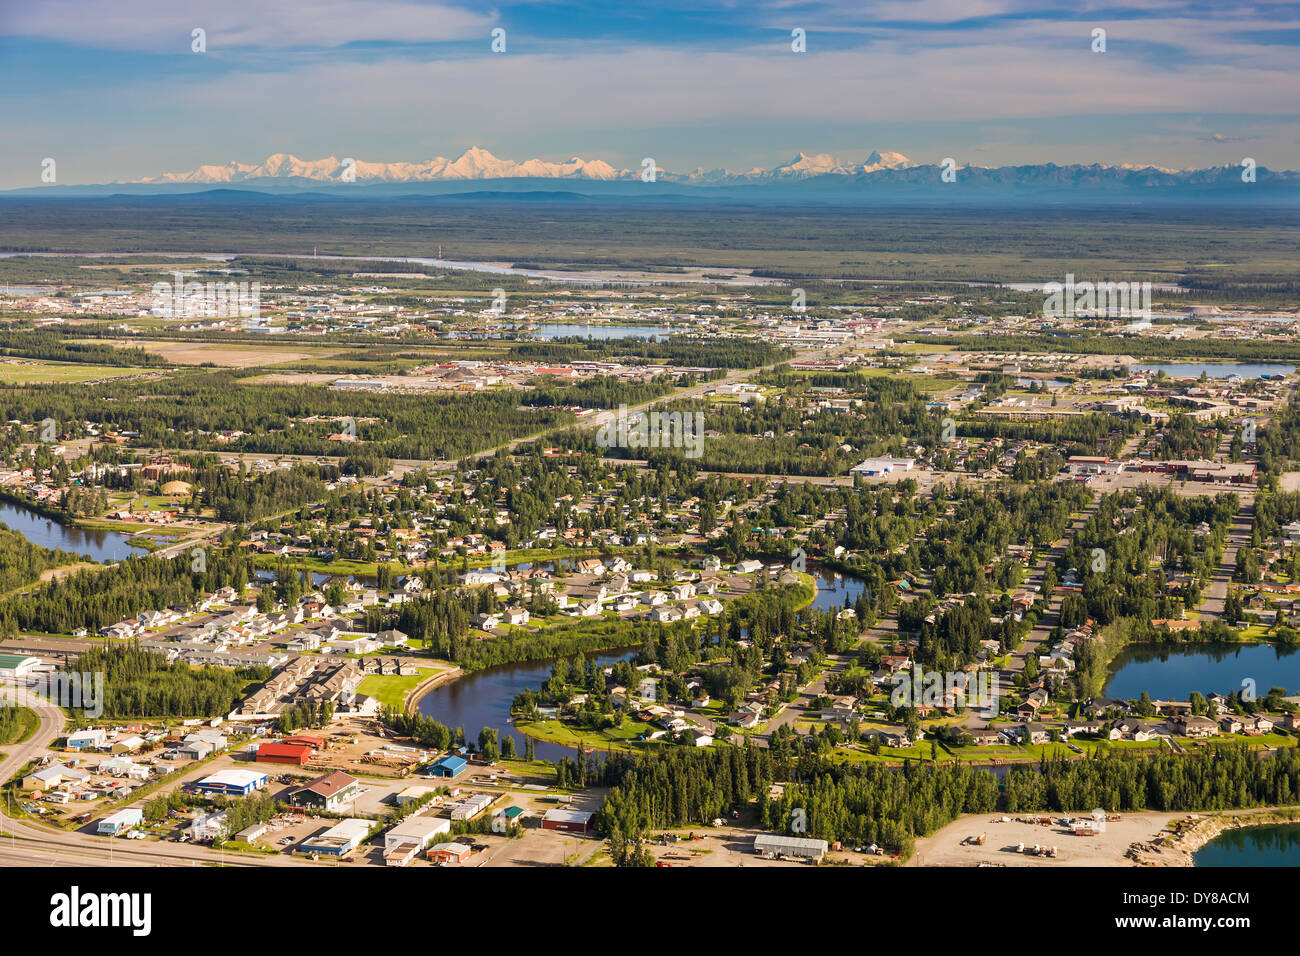 Die Stadt von Fairbanks entfernt In den Tanana Valley Wohnungen mit der Alaska Range Mountains am fernen Horizont Stockbild